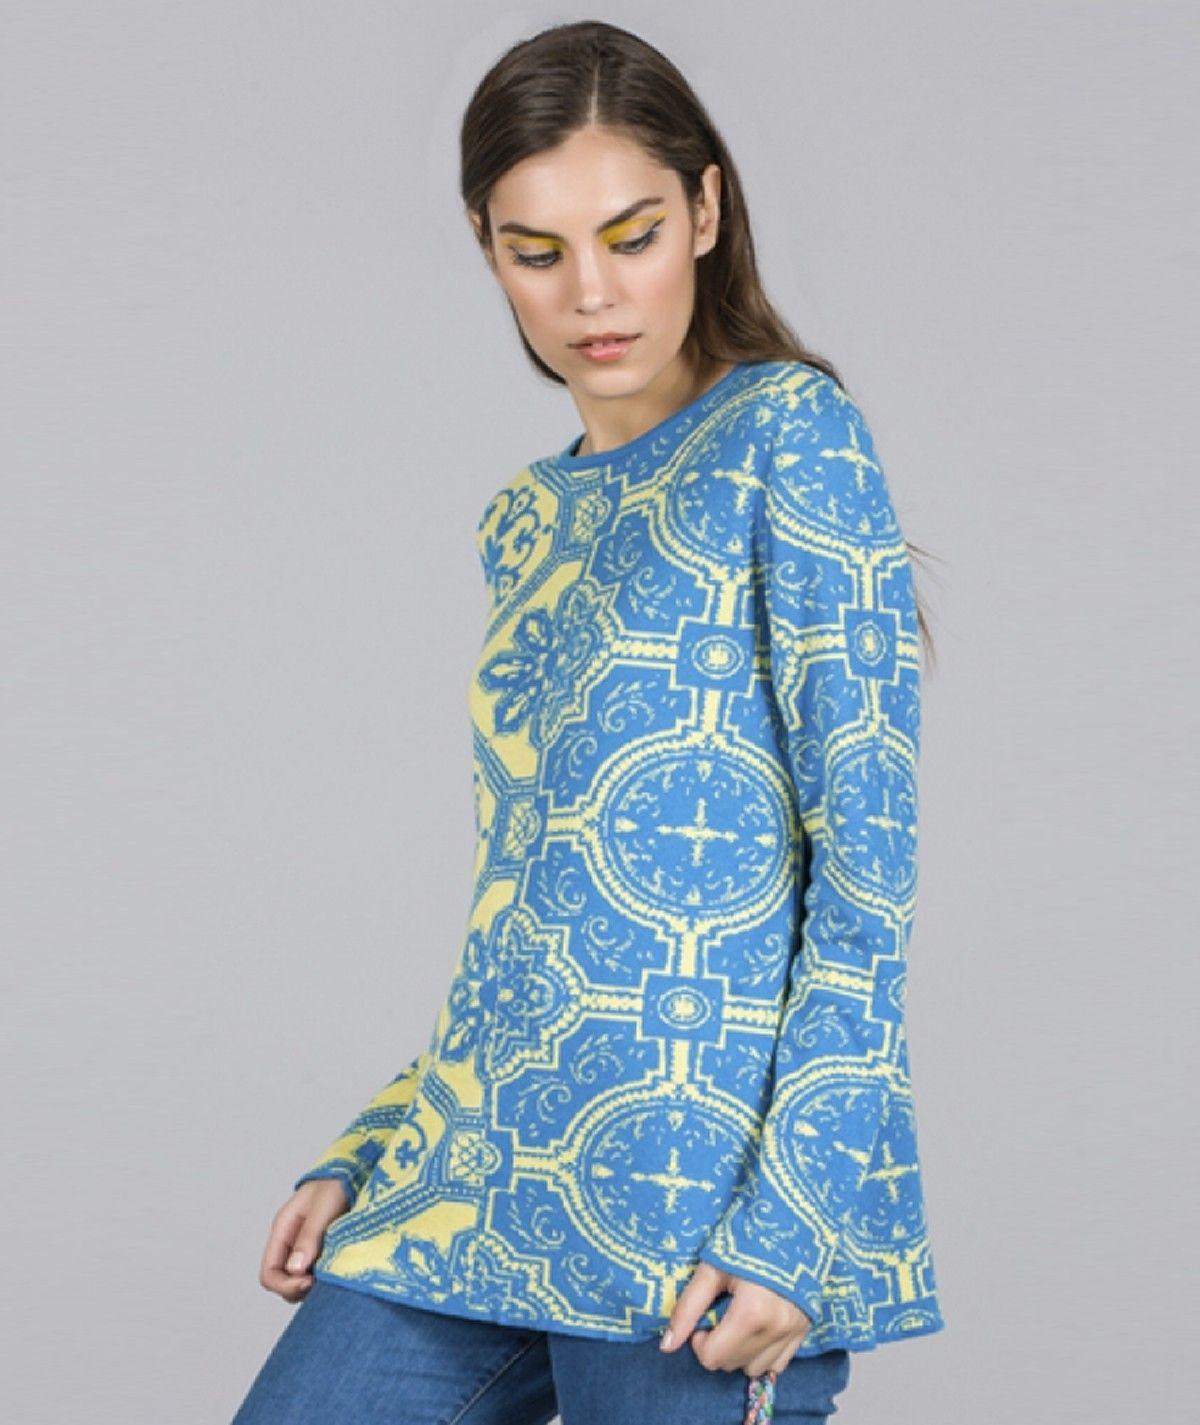 Camisola com motivo mosaico